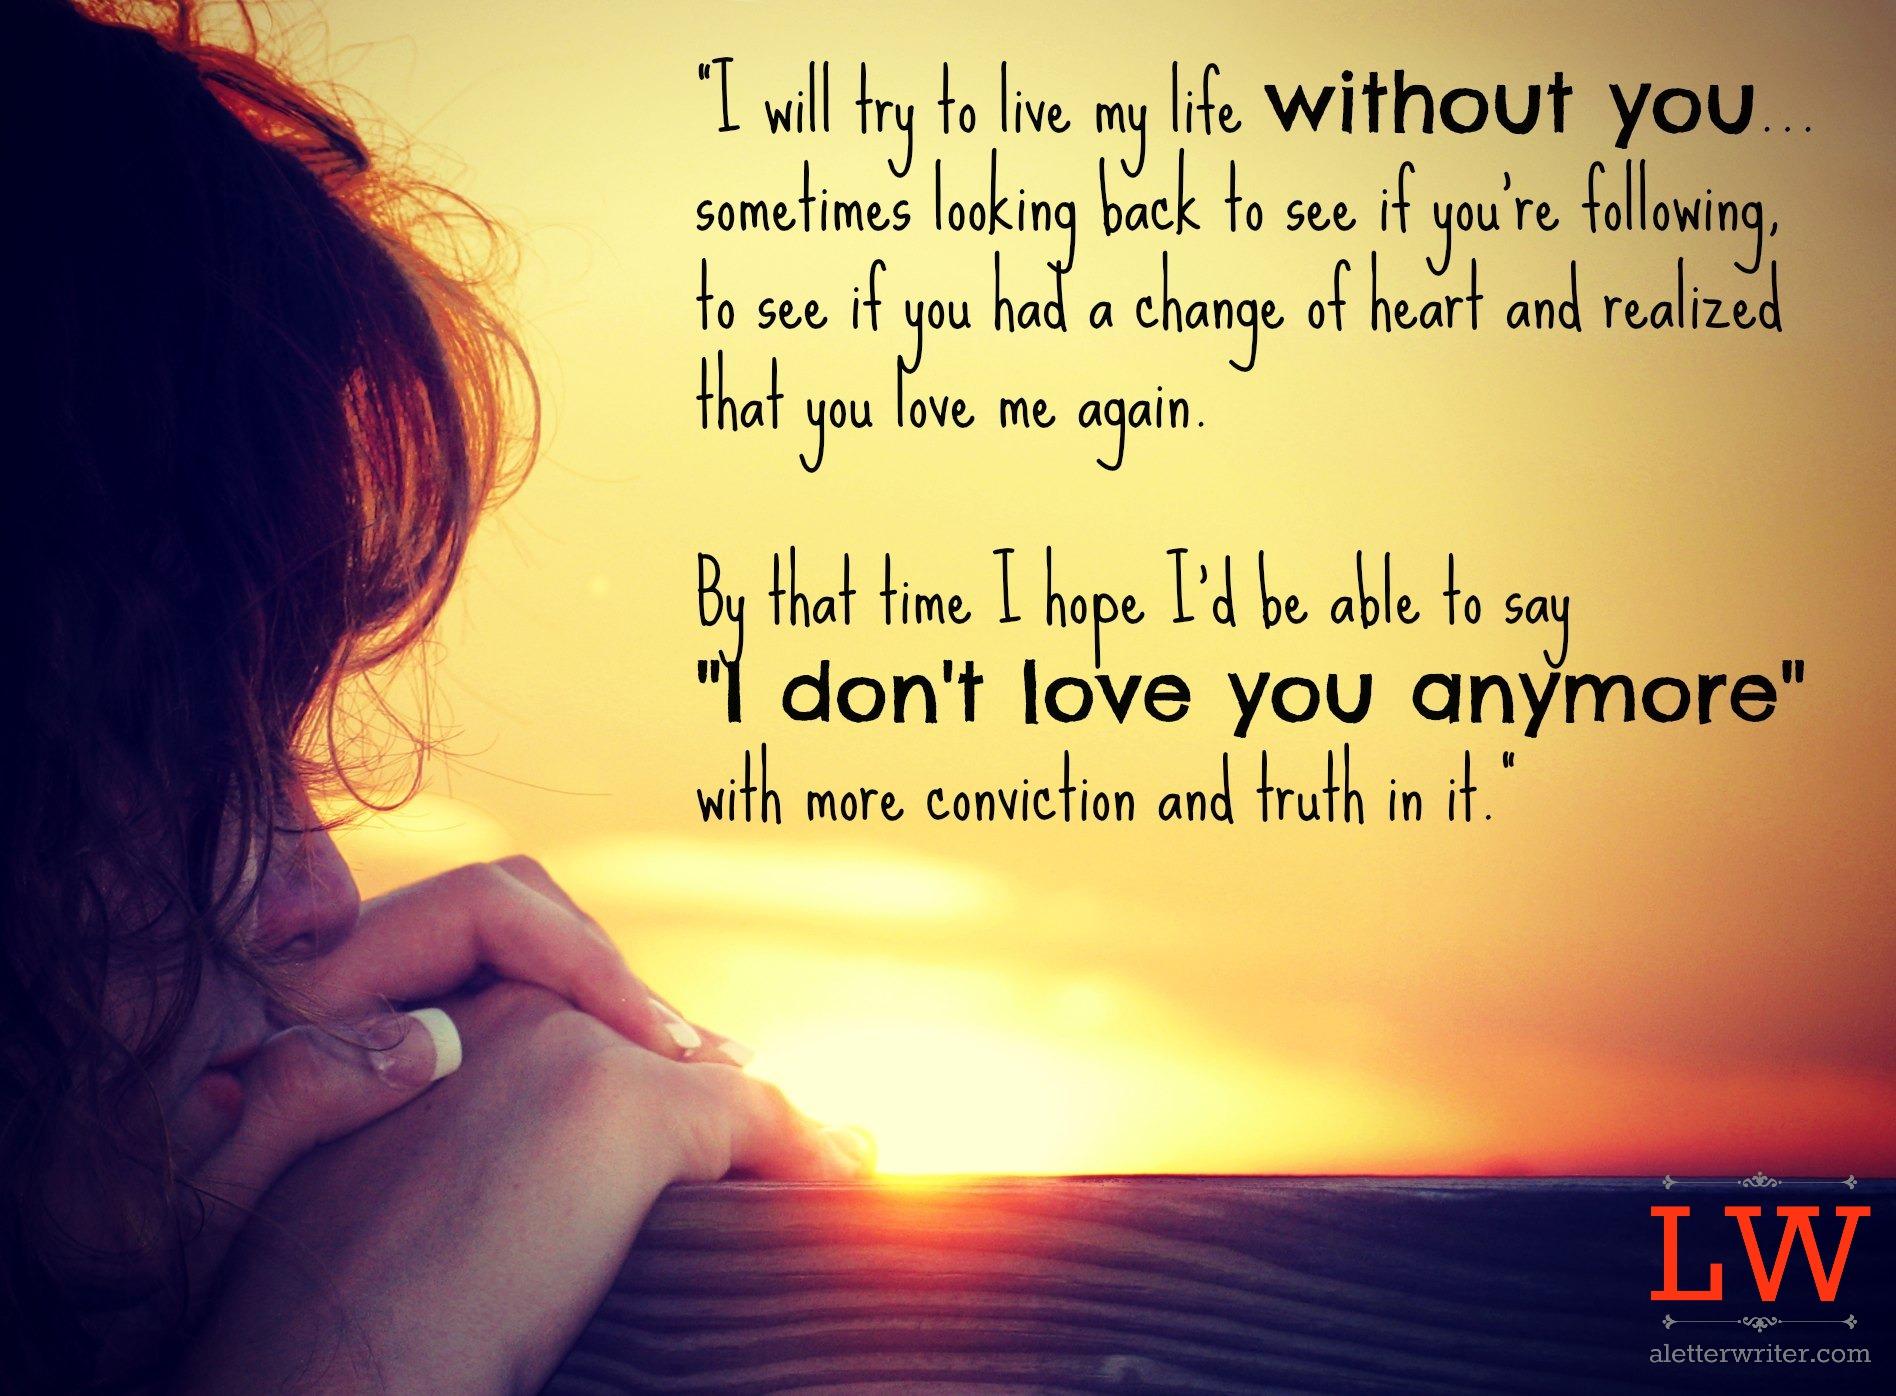 Sad Love Quotes And Sayings Quotesgram: Sad Break Up Quotes. QuotesGram